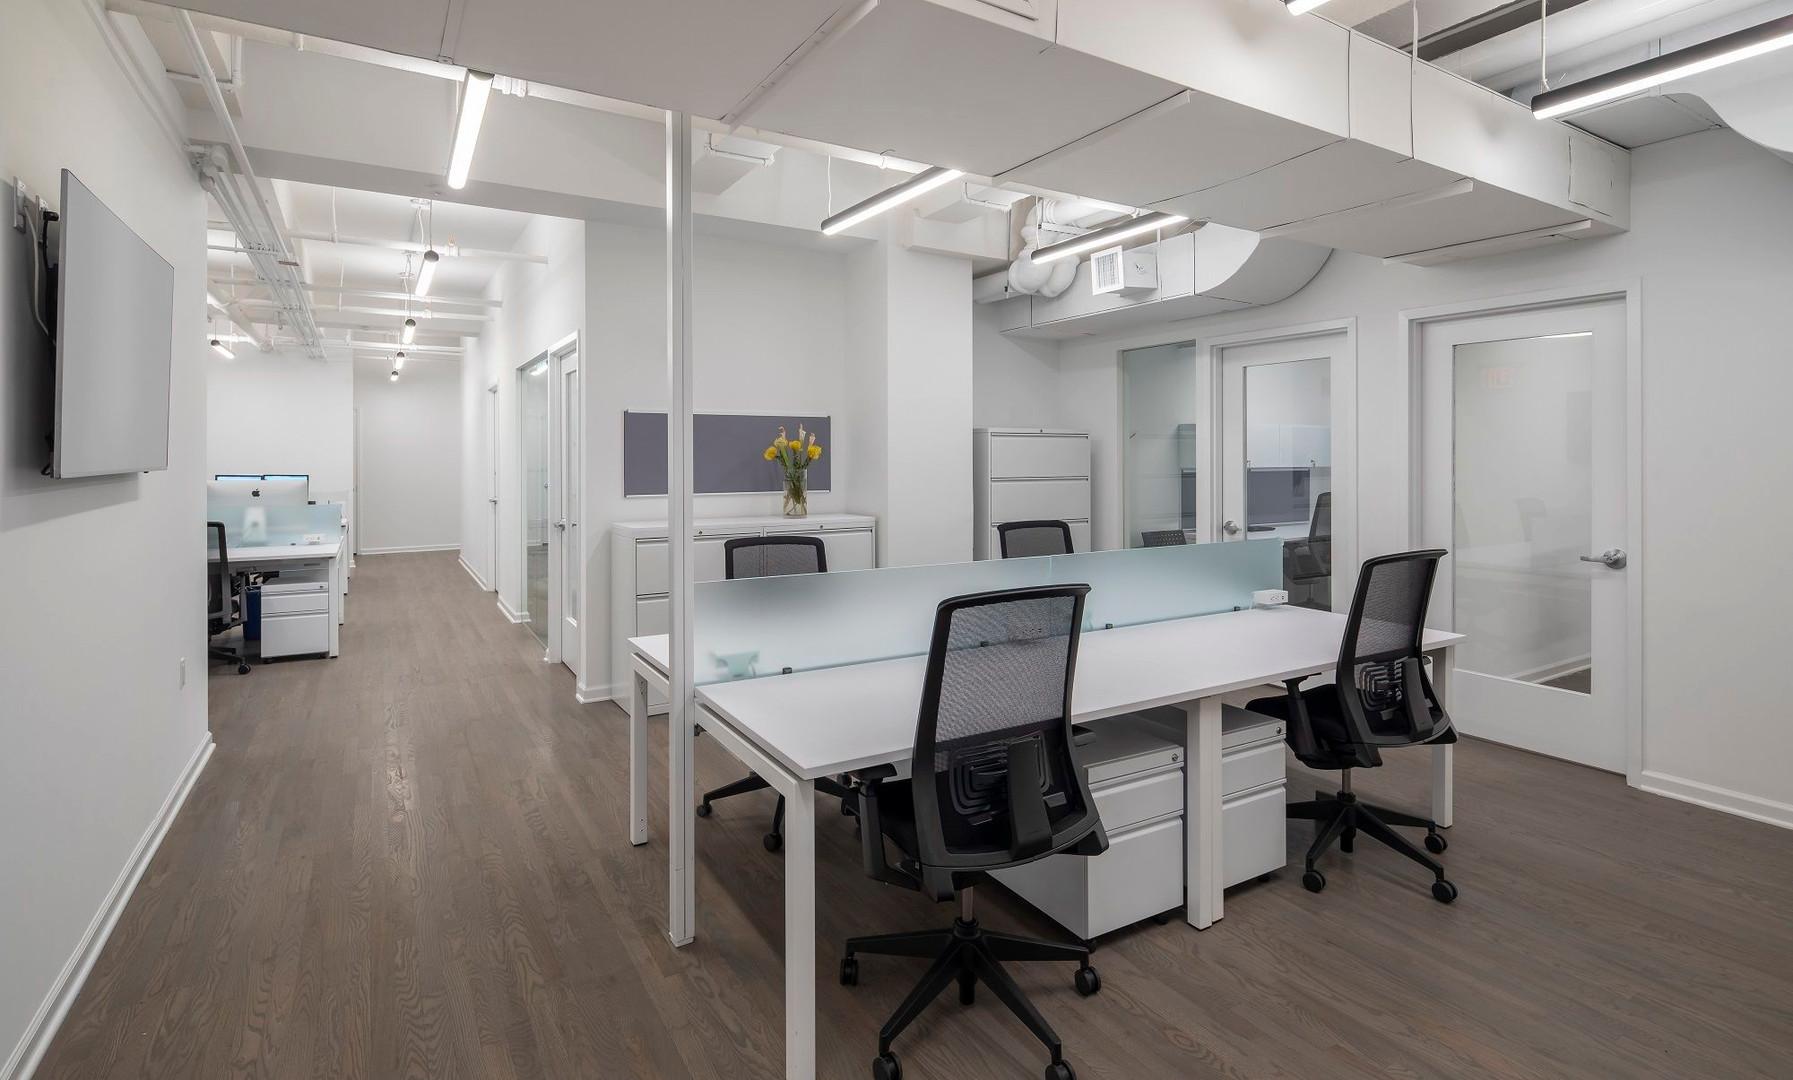 Bluefly-Office-Rear-Work-Area-1.15765101